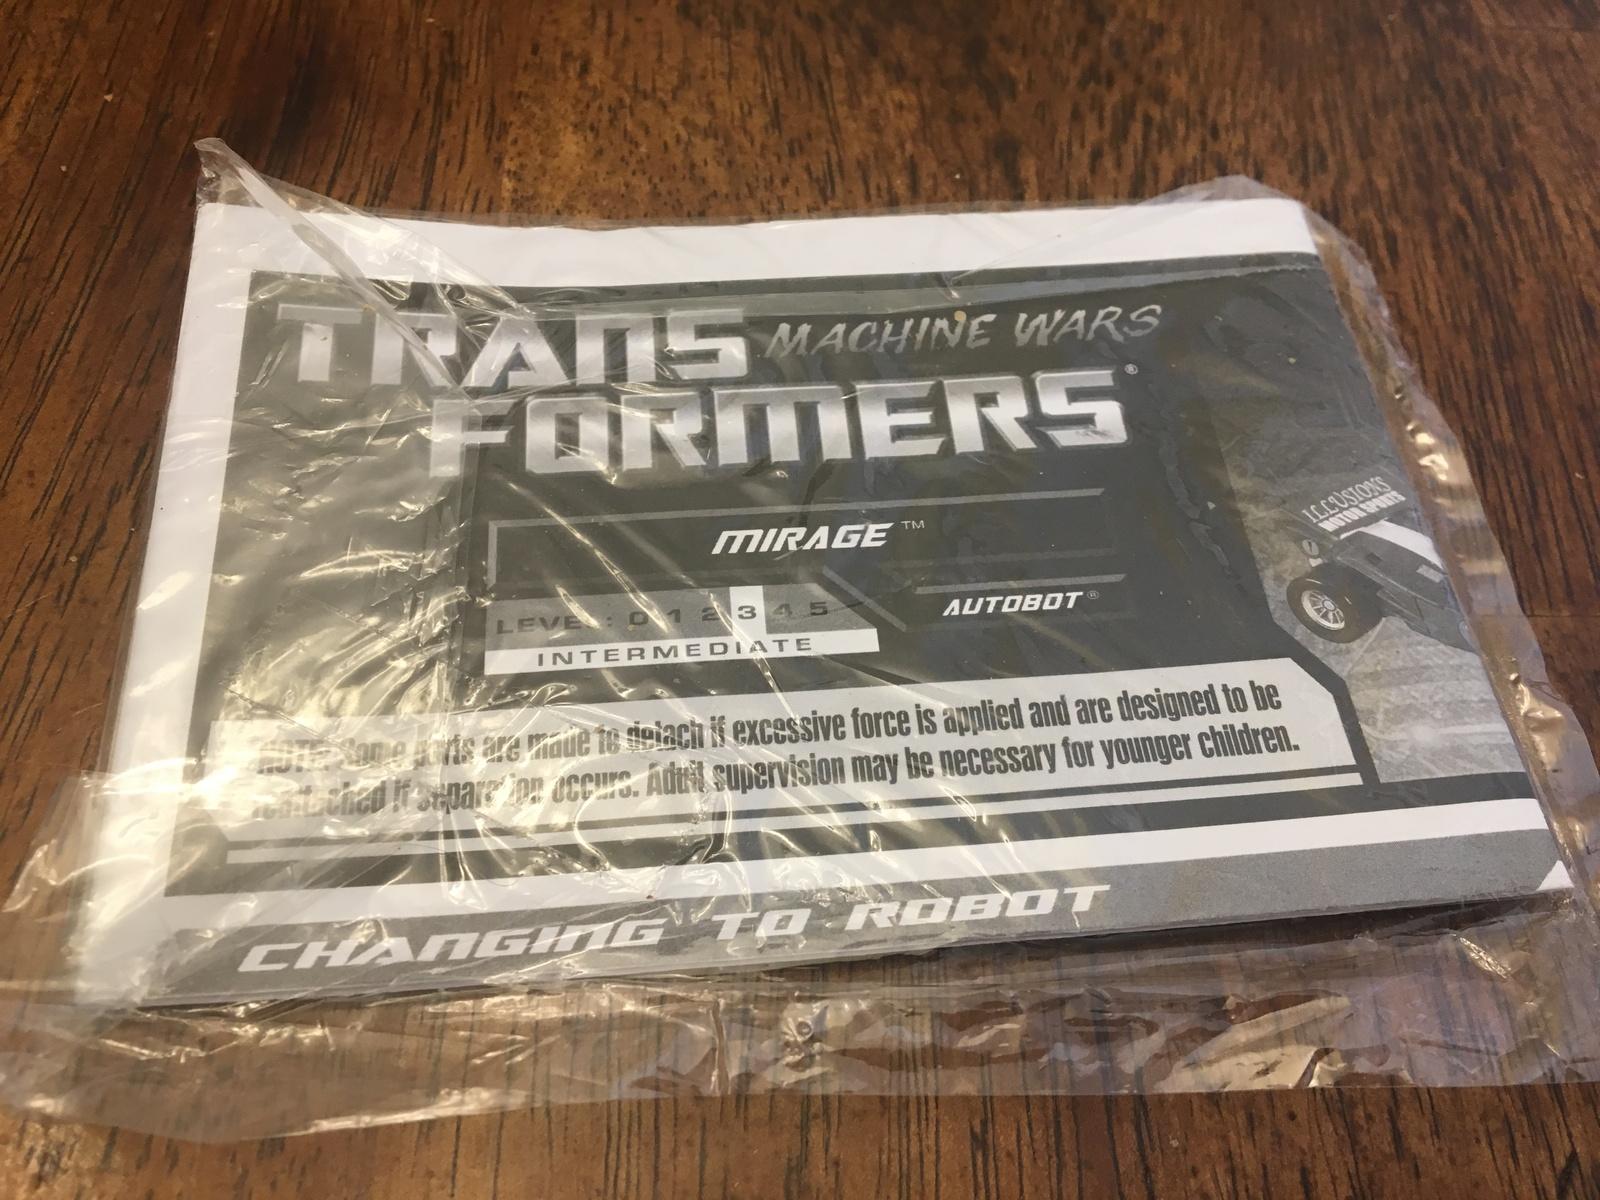 Transformers MIRAGE Botcon Machine Wars 2013 New Sealed